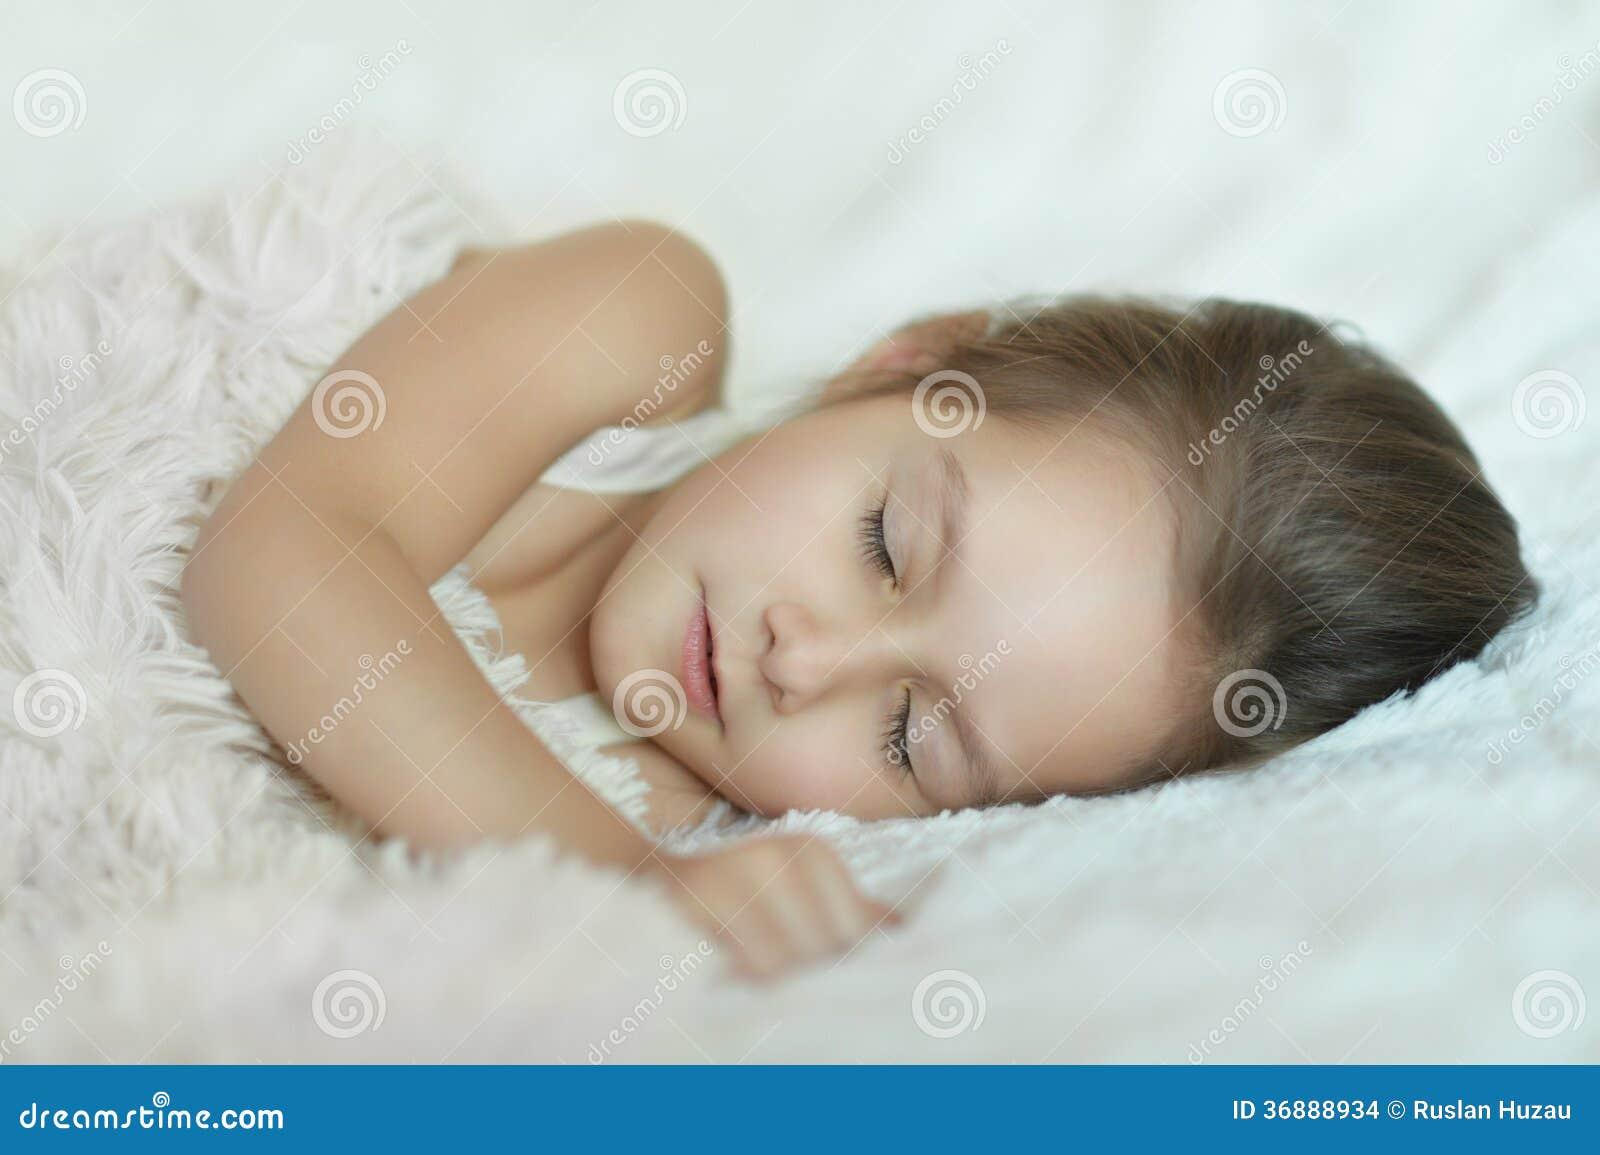 Download Bella bambina fotografia stock. Immagine di bedroom, background - 36888934